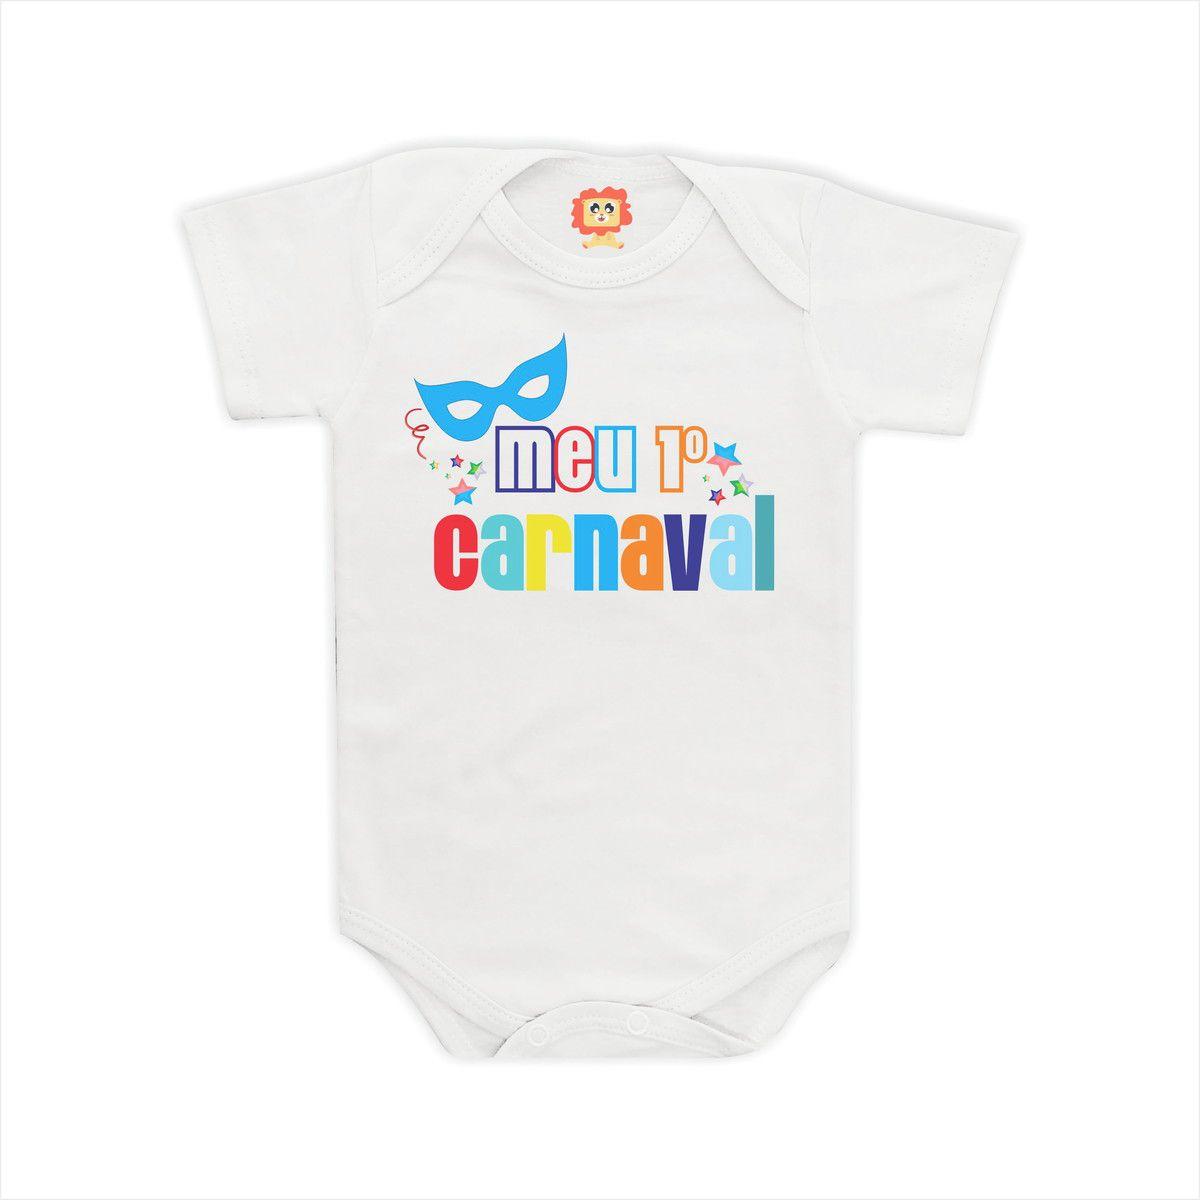 Body de Bebê Meu Primeiro Carnaval Roupinha Menino